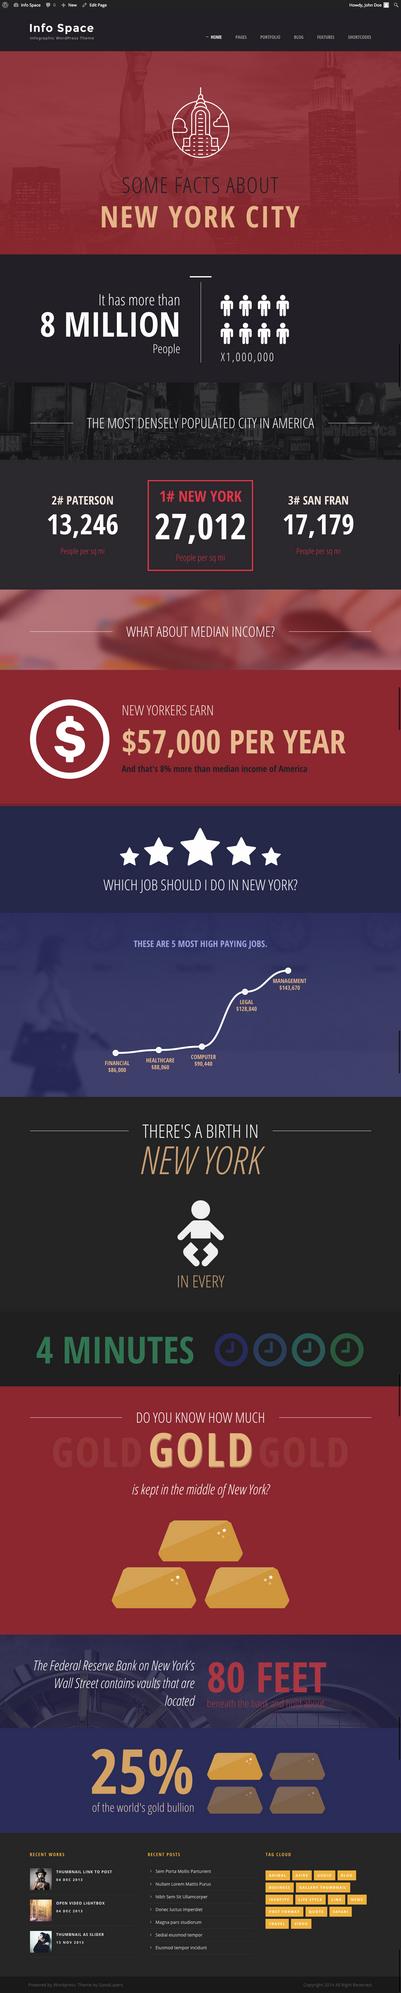 Info Space - Infographic WordPress Theme by sandracz